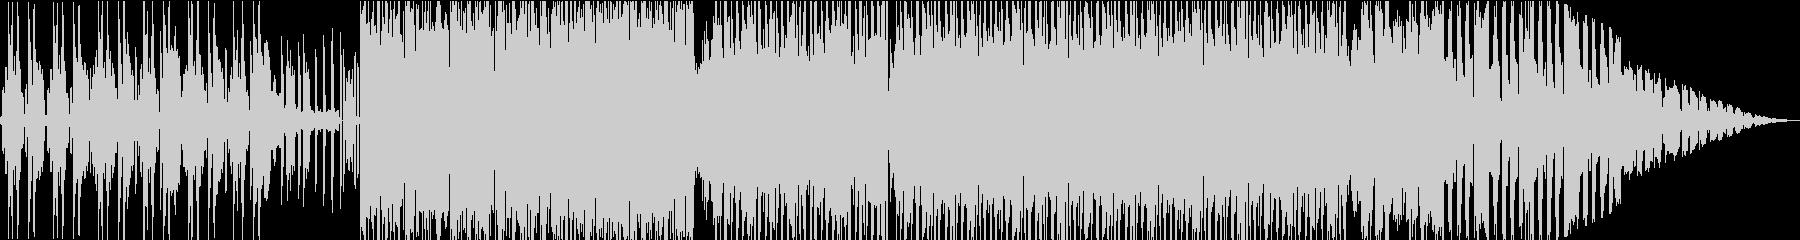 紹介プロモーション向きオープニングEDMの未再生の波形